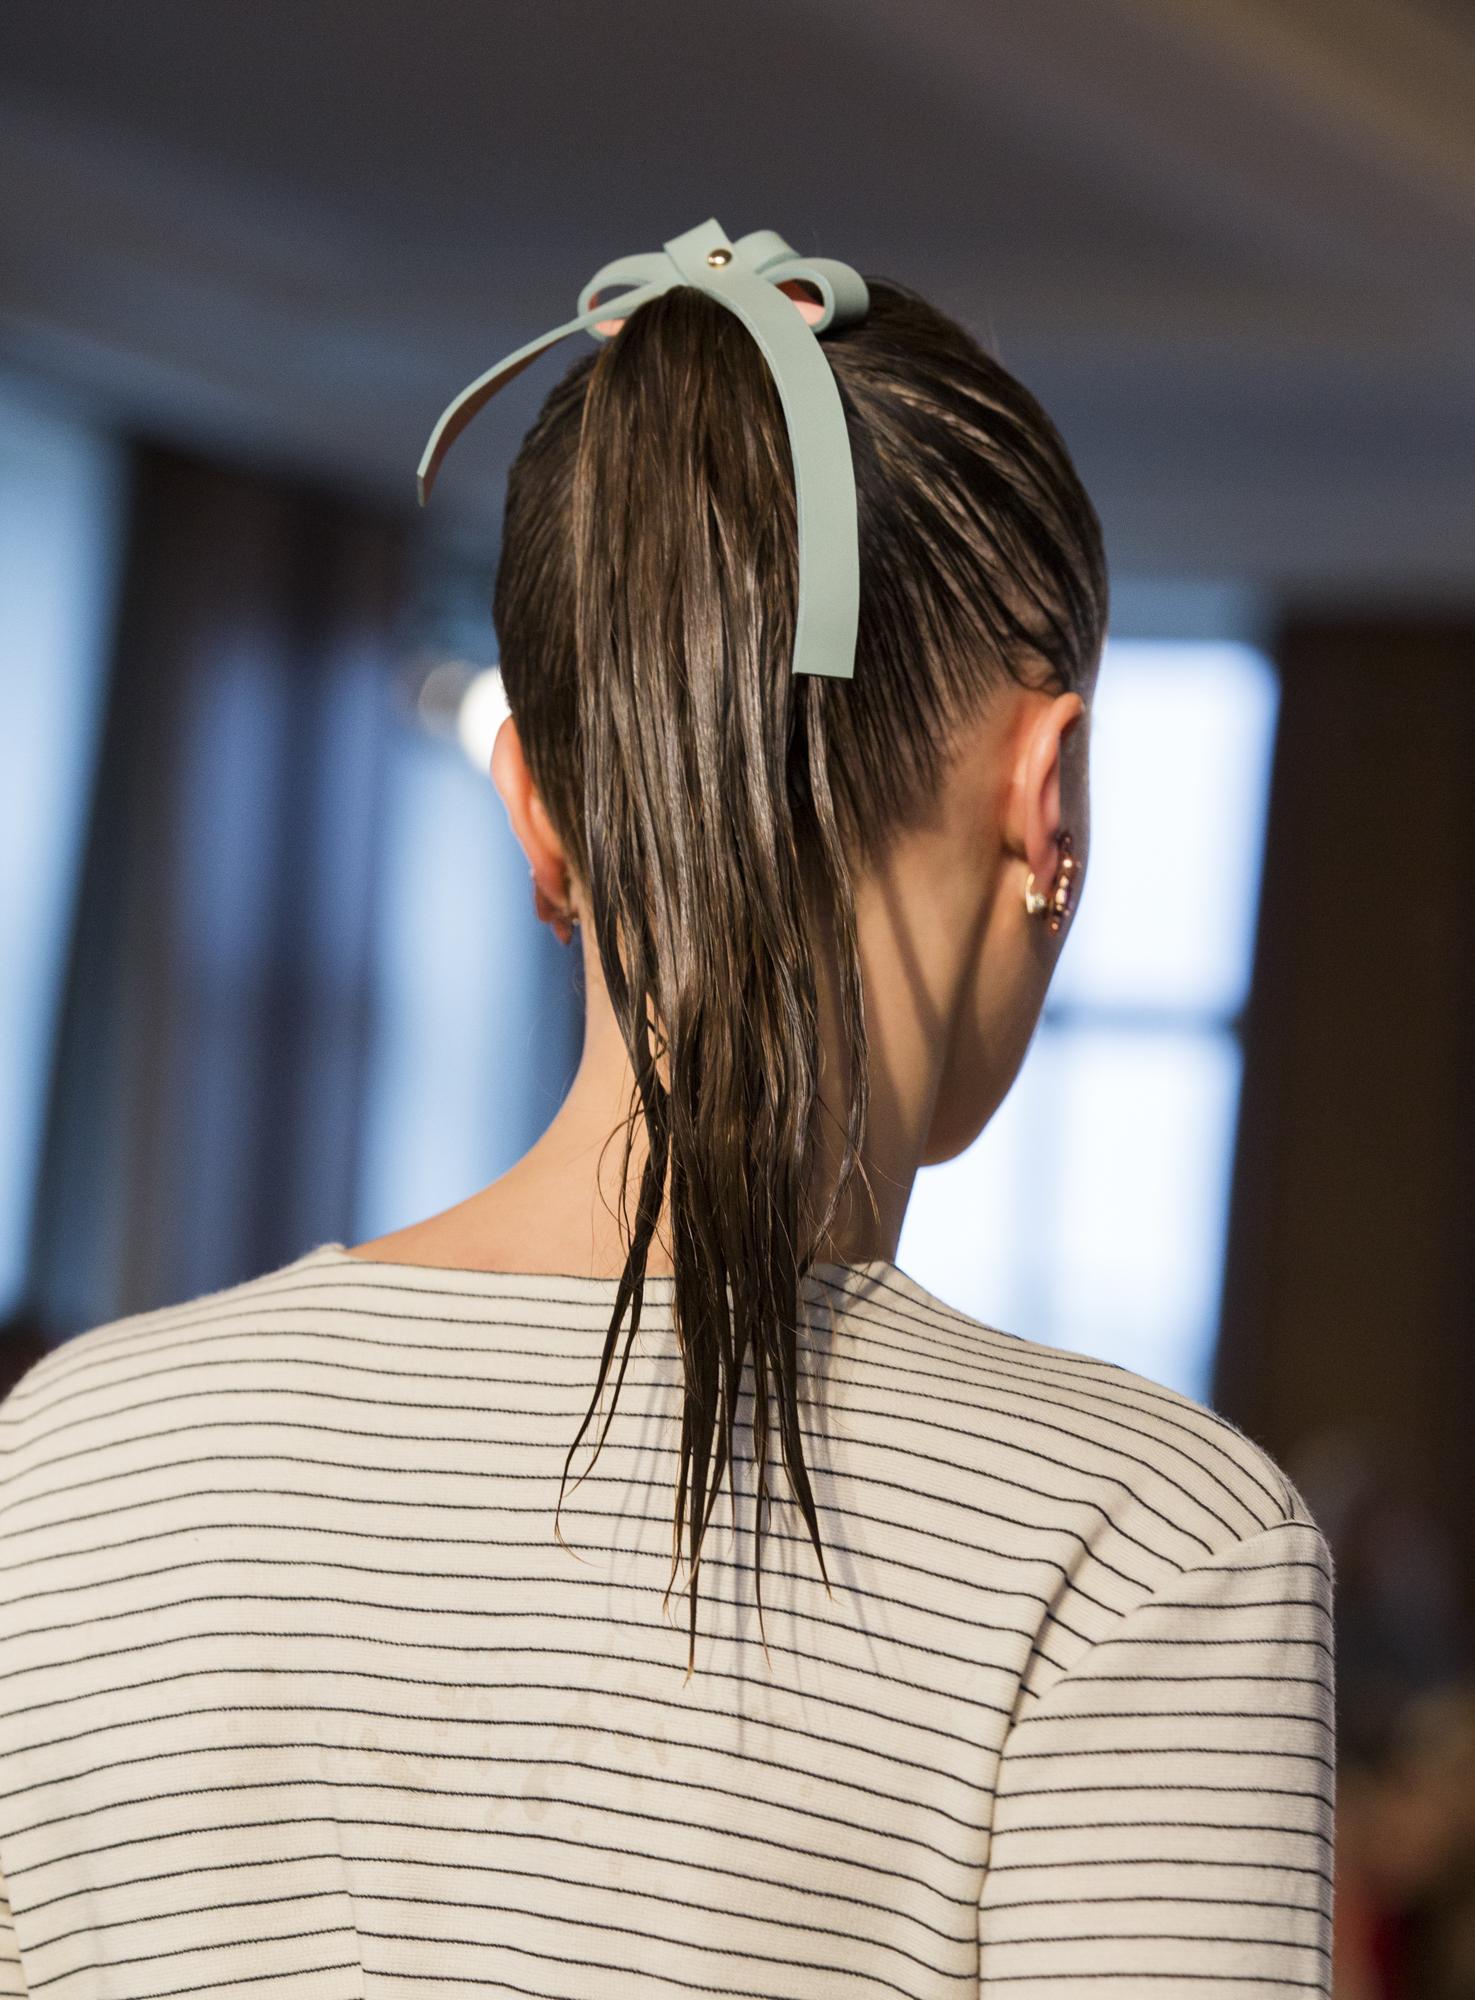 Wella Professionals als Haarpartner für Marina Hoermanseder beim DER BERLINER MODE SALON auf der Berlin Fashion Week am 21.1.2016. Foto: Gero Breloer für WELLA